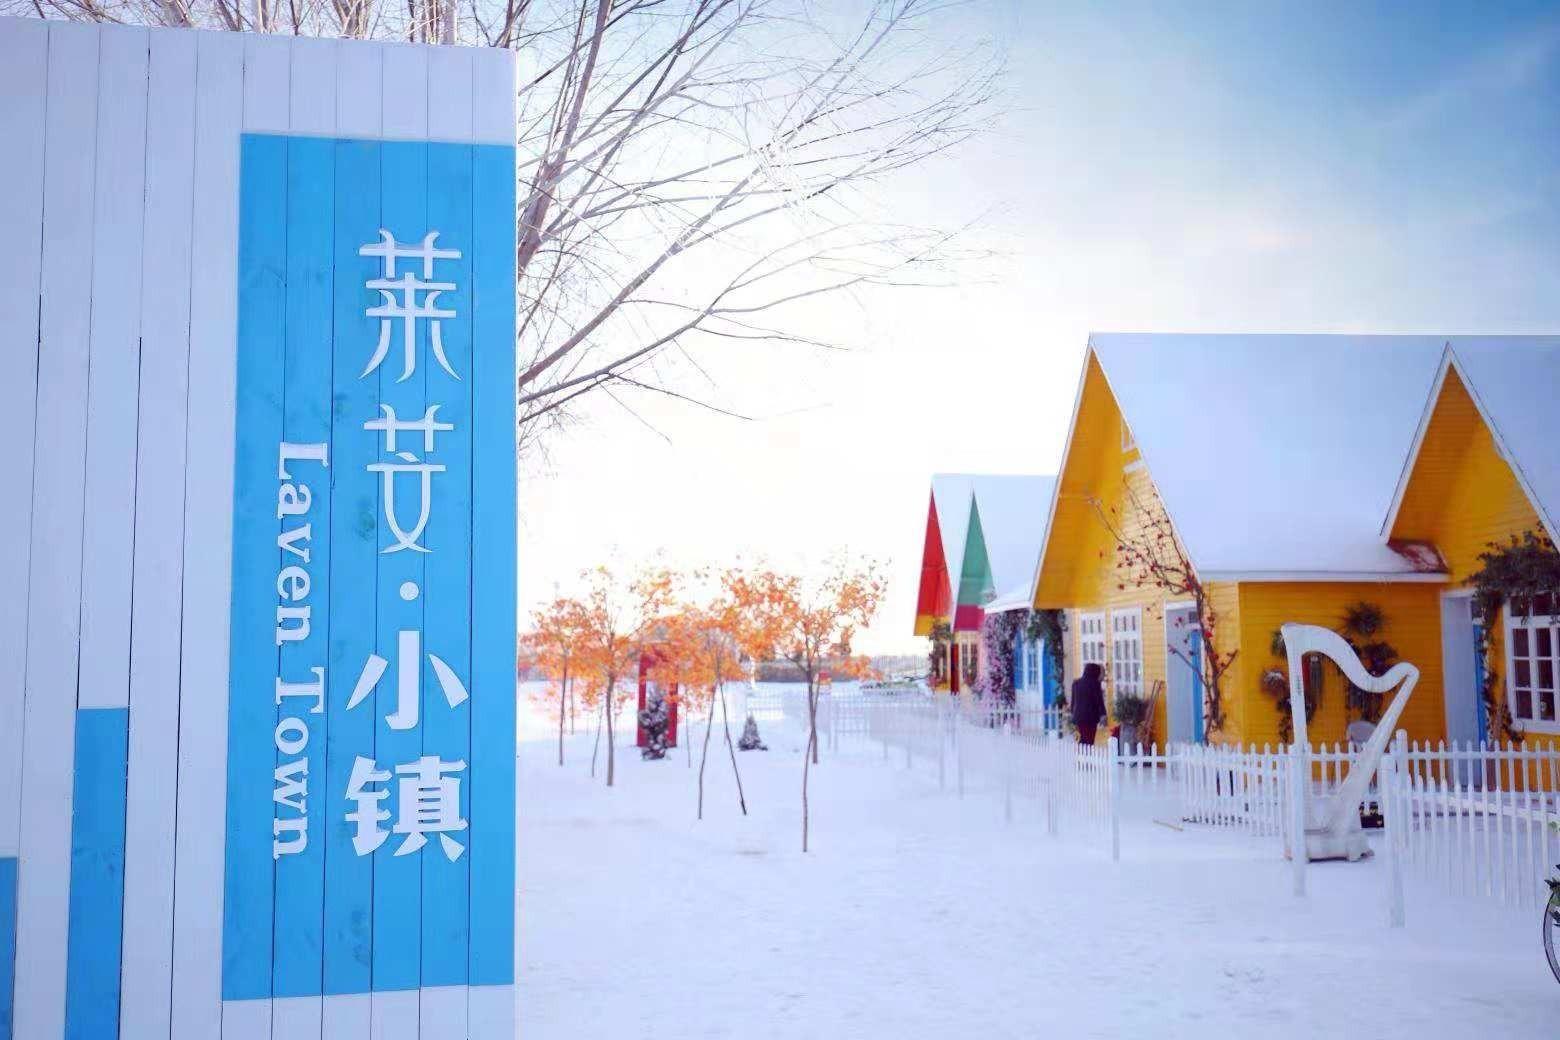 太原莱芠小镇雪王国